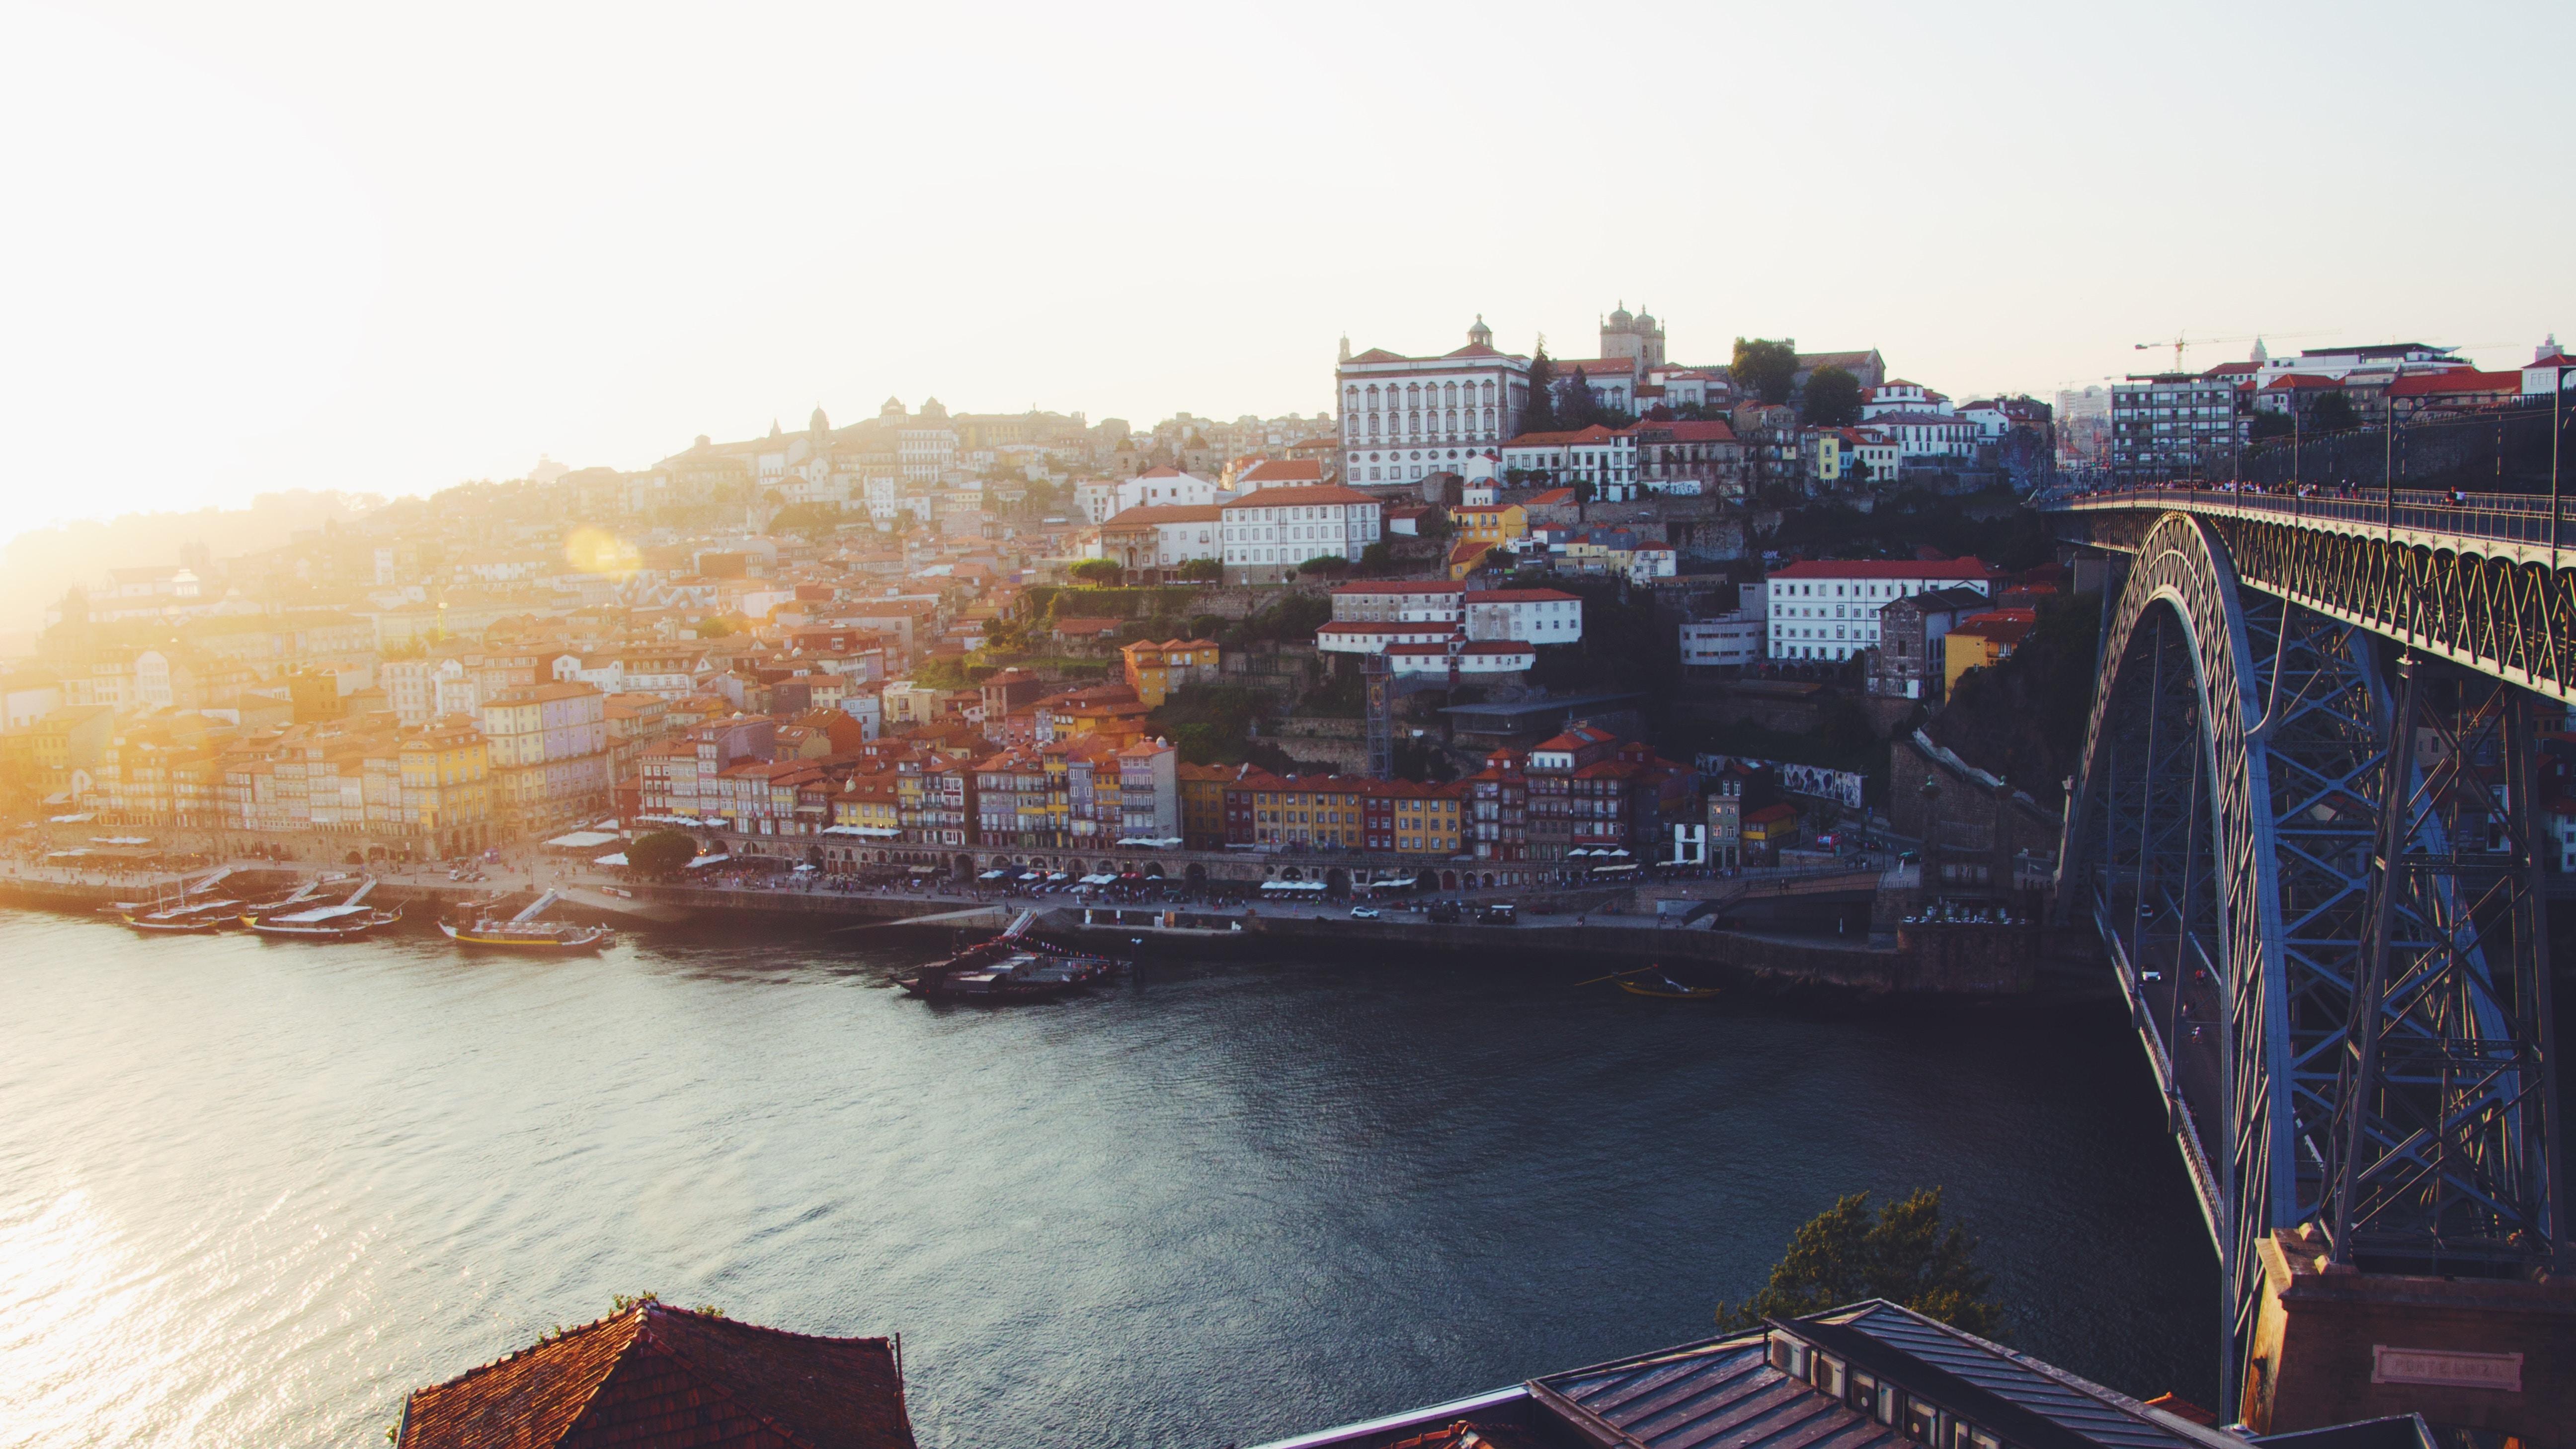 A empresa de mediação teve lojas em todos os concelhos do Grande Porto.  / Photo by Nienke Broeksema on Unsplash